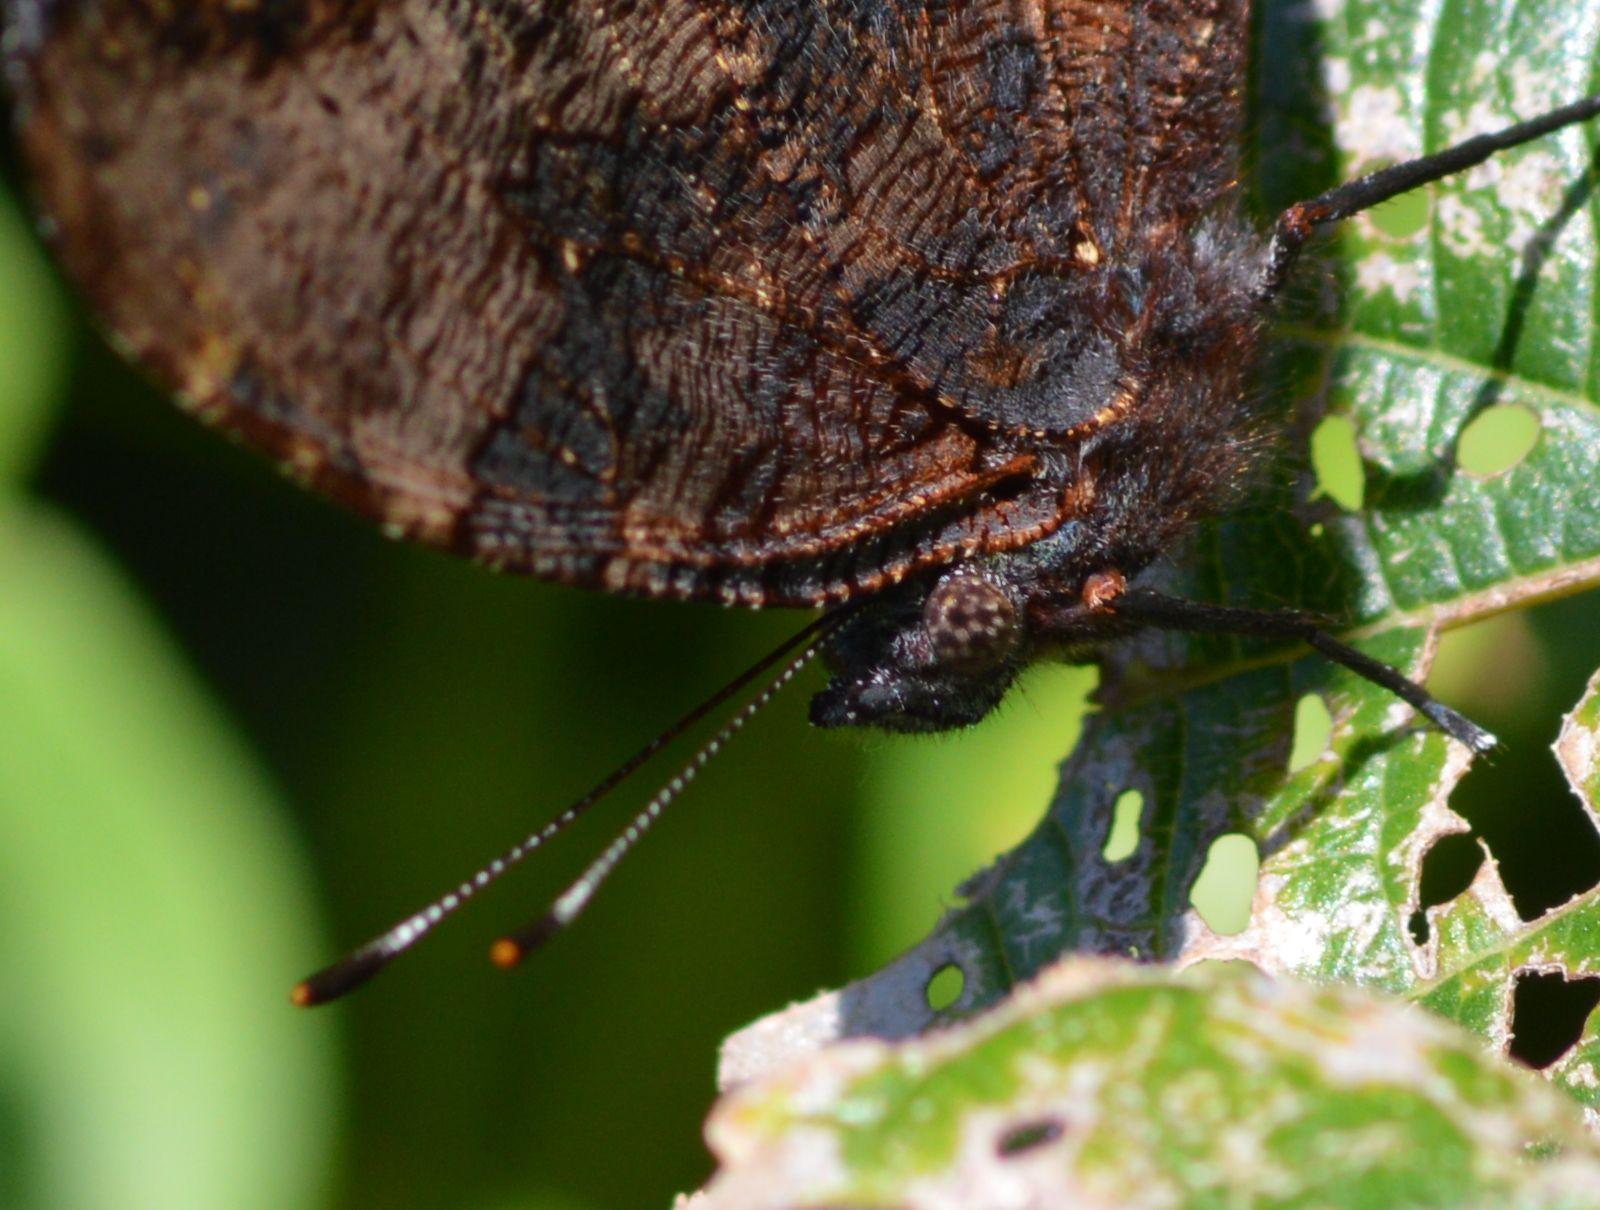 ルリタテハ 秋型の新鮮な個体に出会えました_d0254540_18253712.jpg